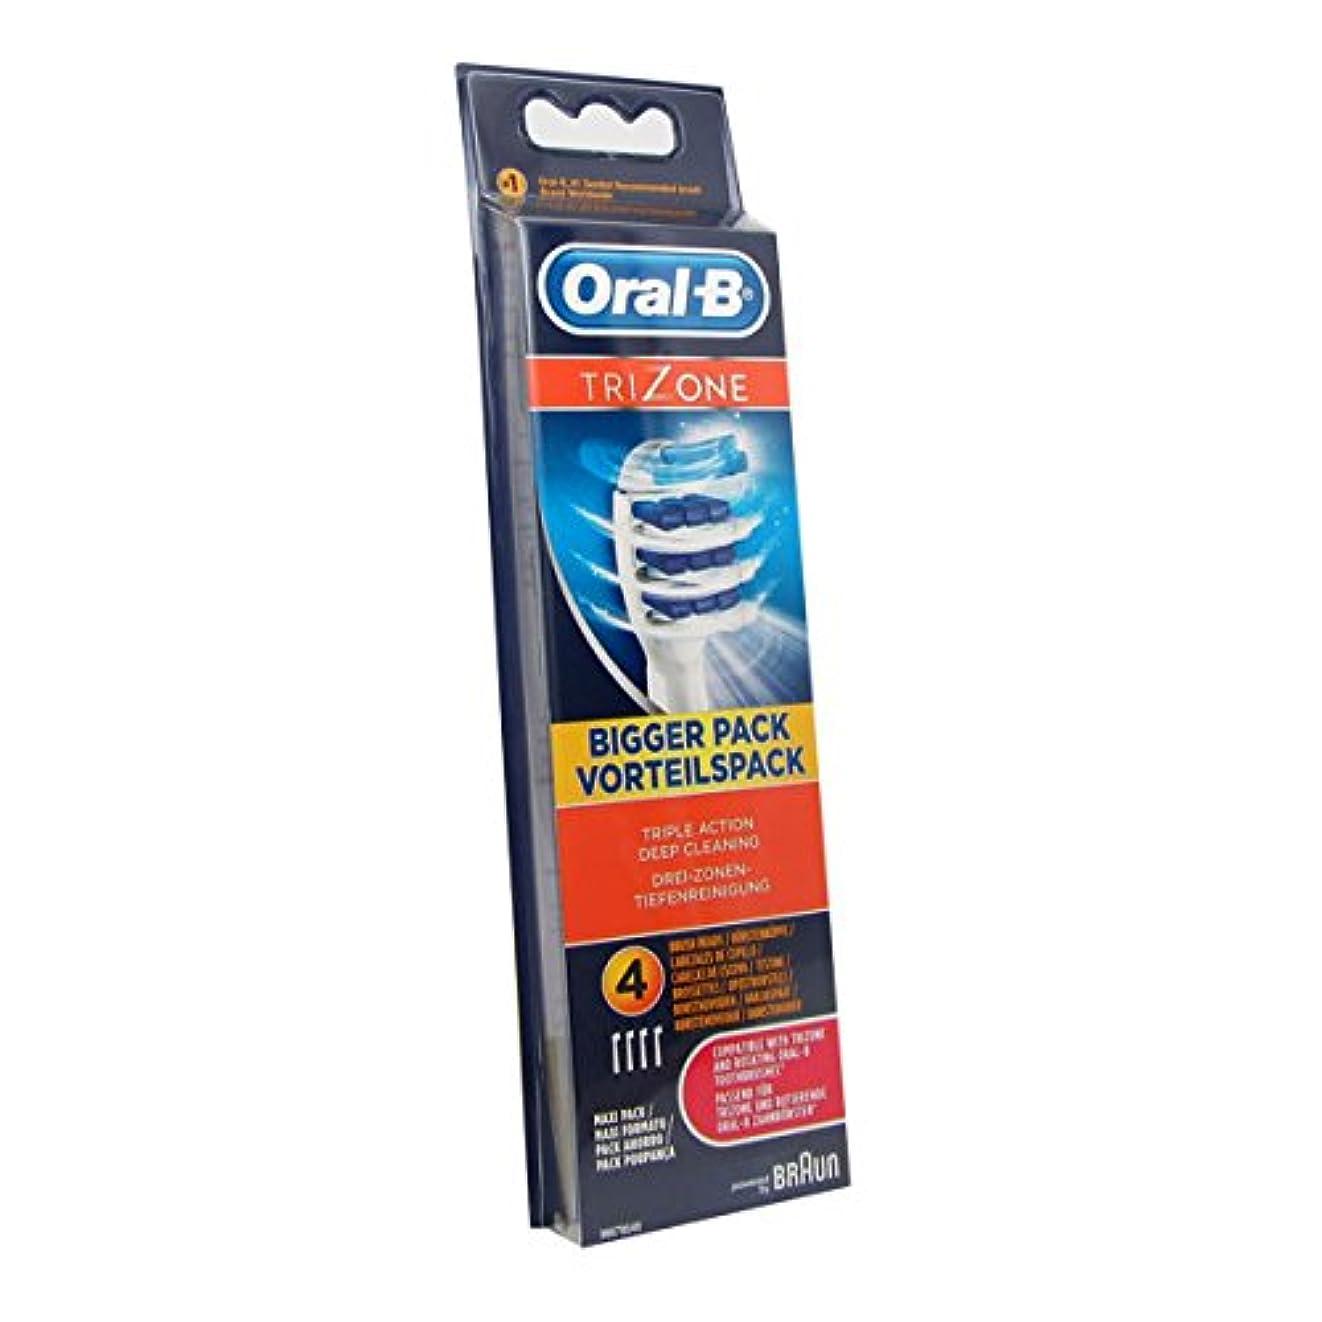 もちろんフォアマン出身地Oral B Trizone Replacement Brush X4 [並行輸入品]